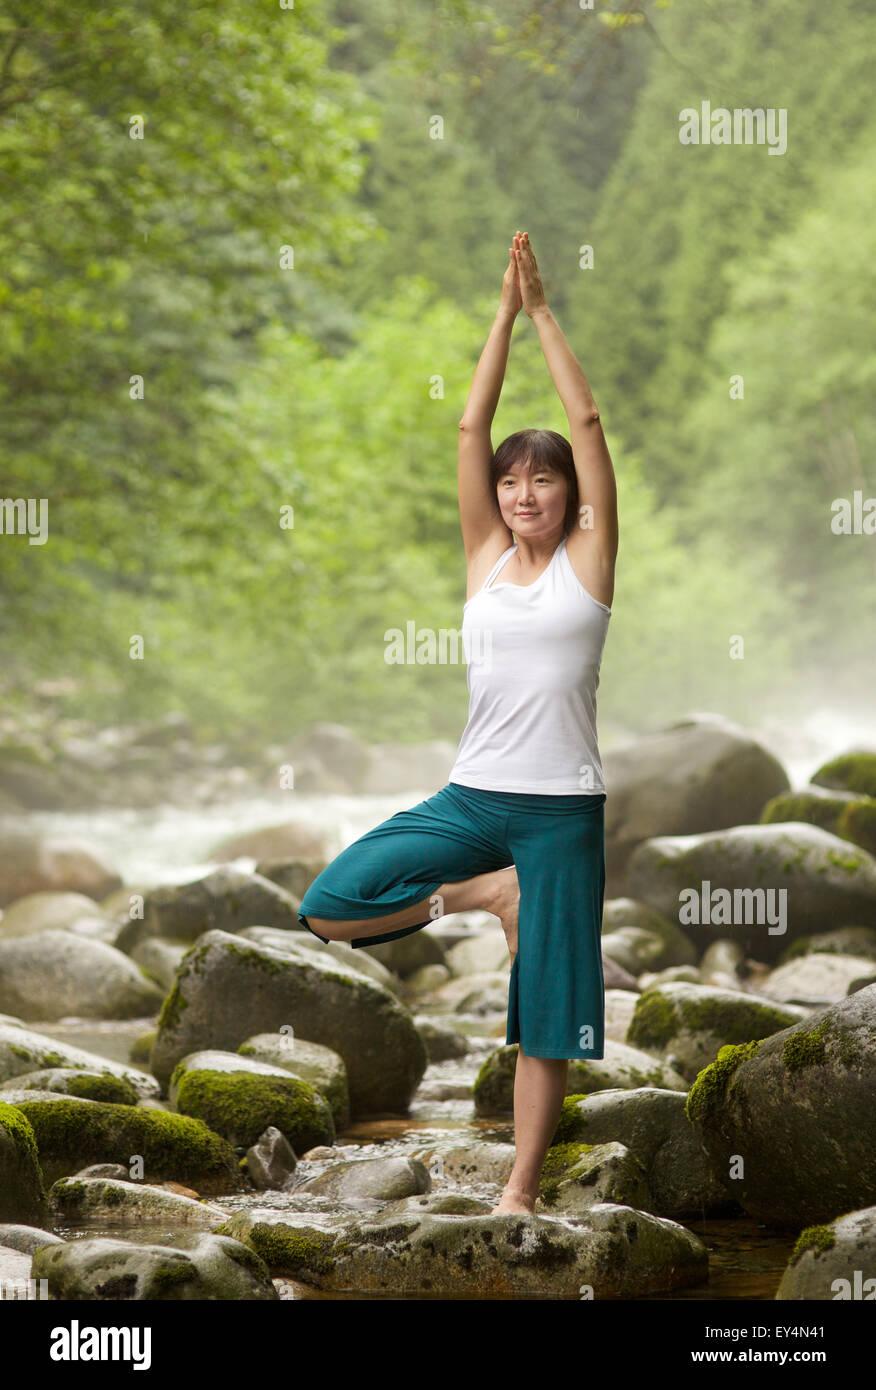 Asiatische Frau Durchführung Vrksasana Pose Yoga am Fluss, Lynn Valley, British Columbia, Kanada Stockbild